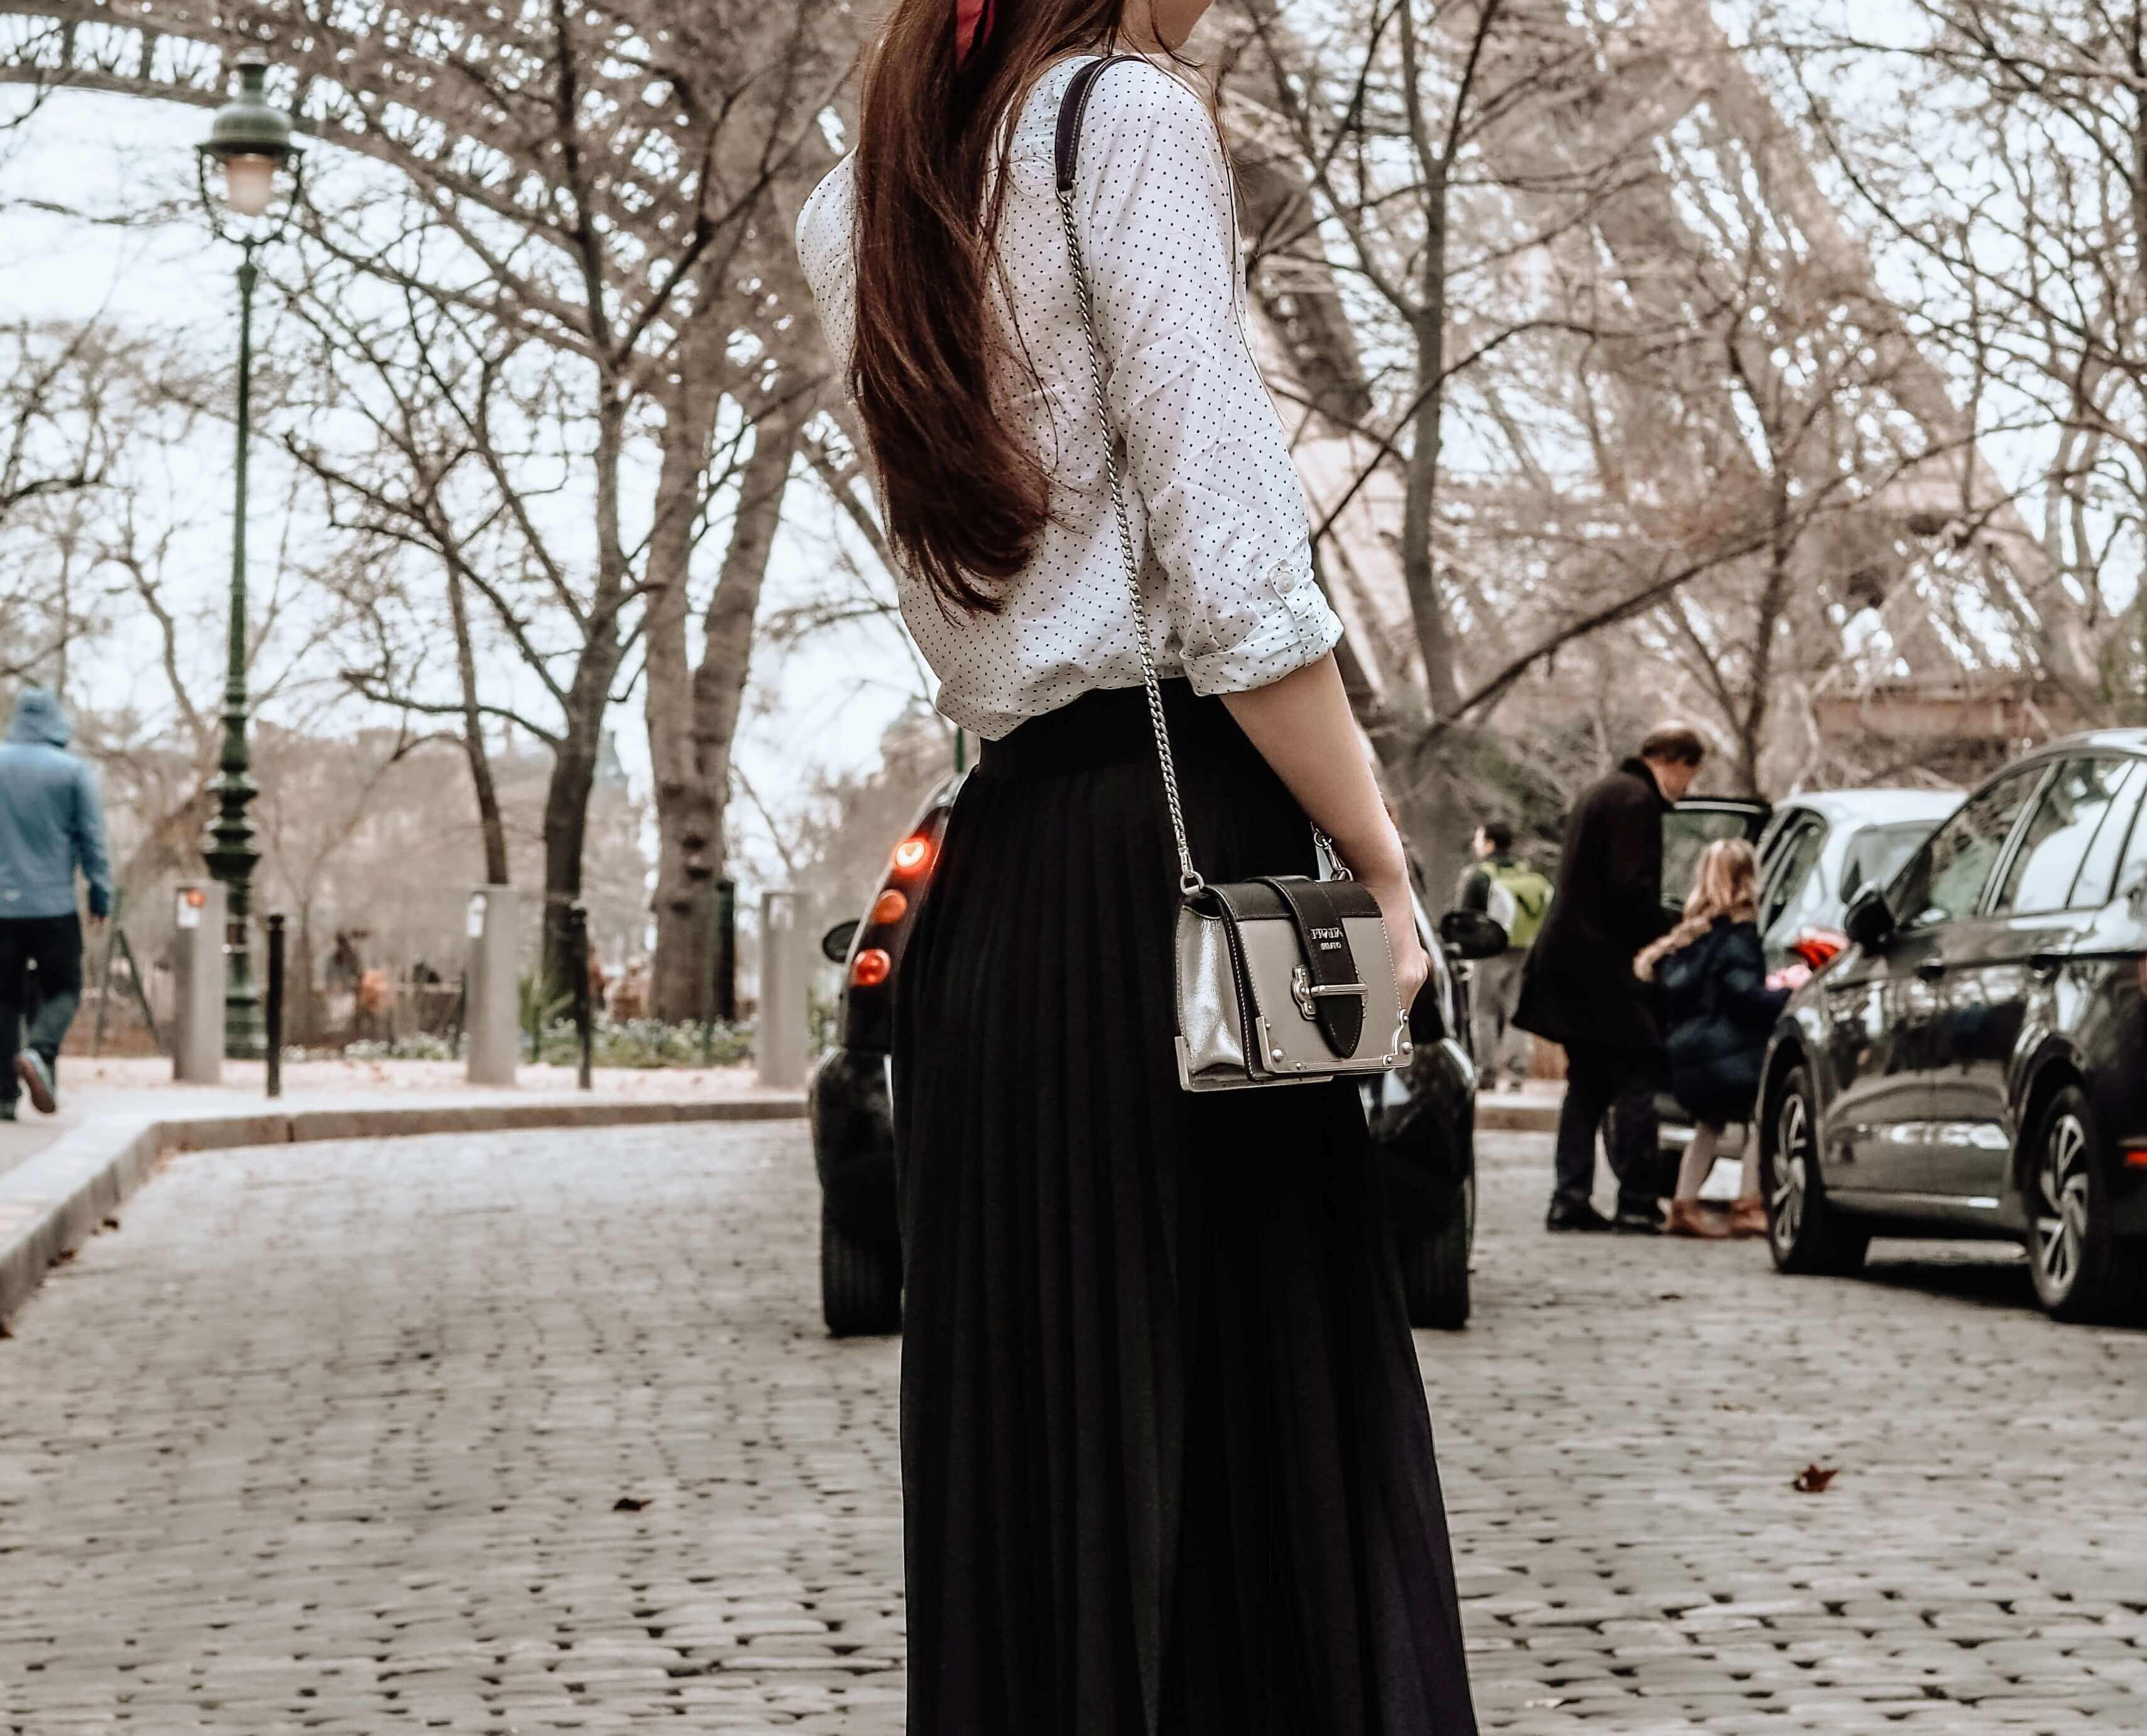 モノトーンファッションの女性